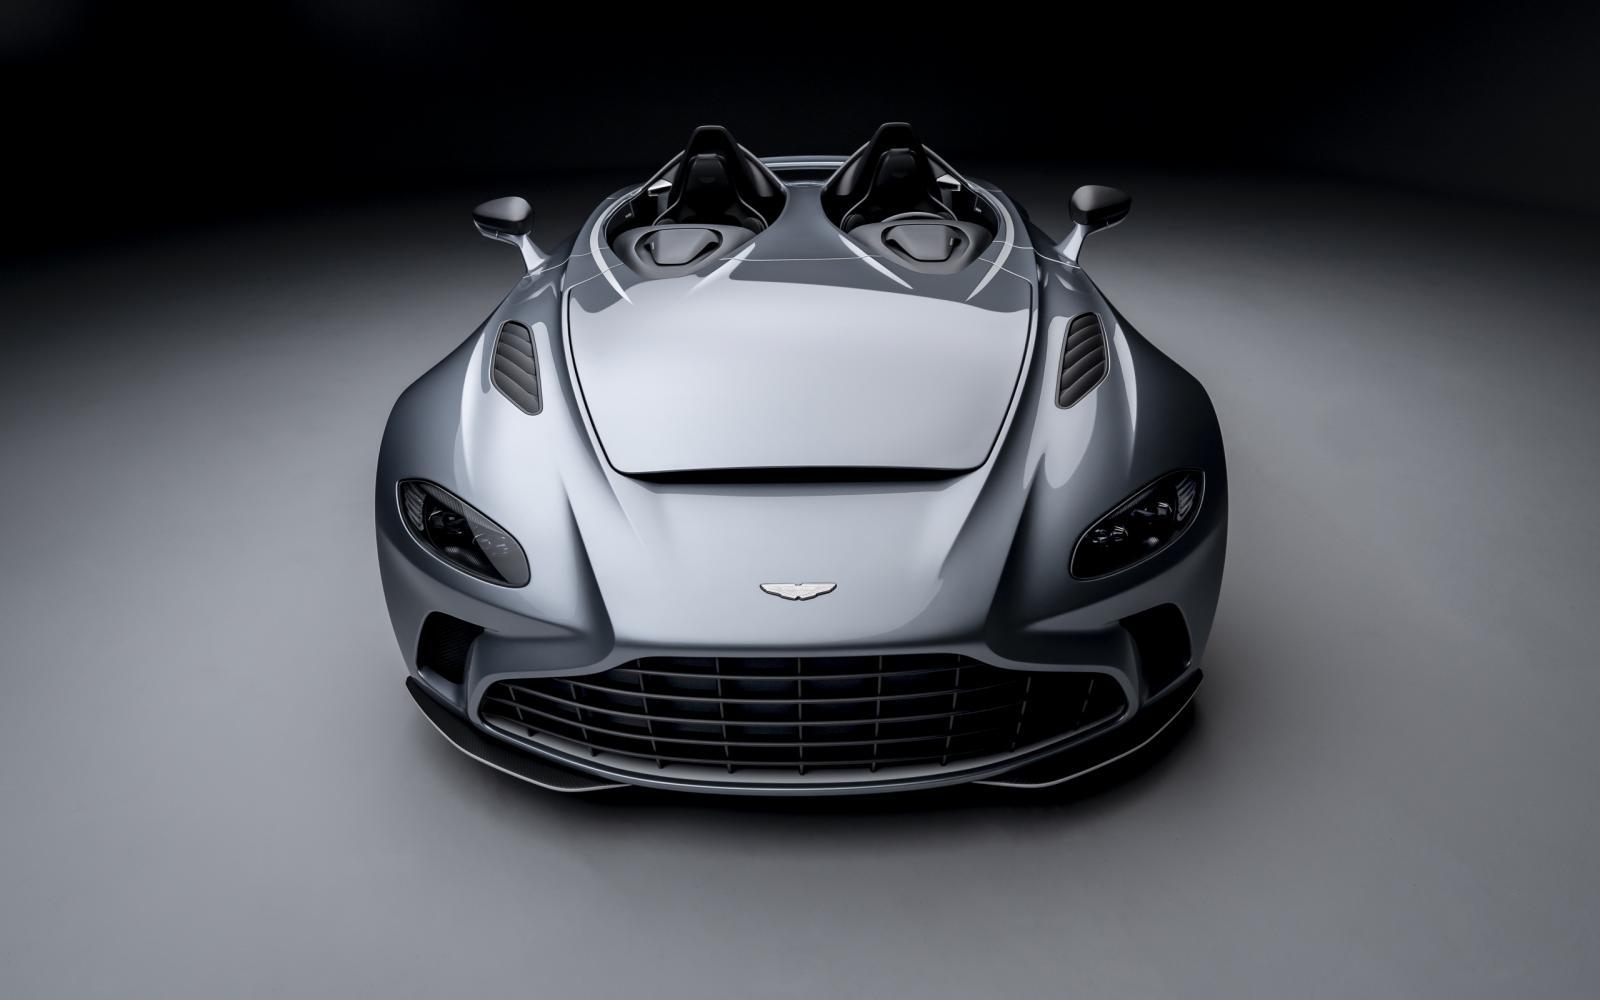 Doe een helm op! Want de Aston Martin V12 Speedster loopt 300 km/h